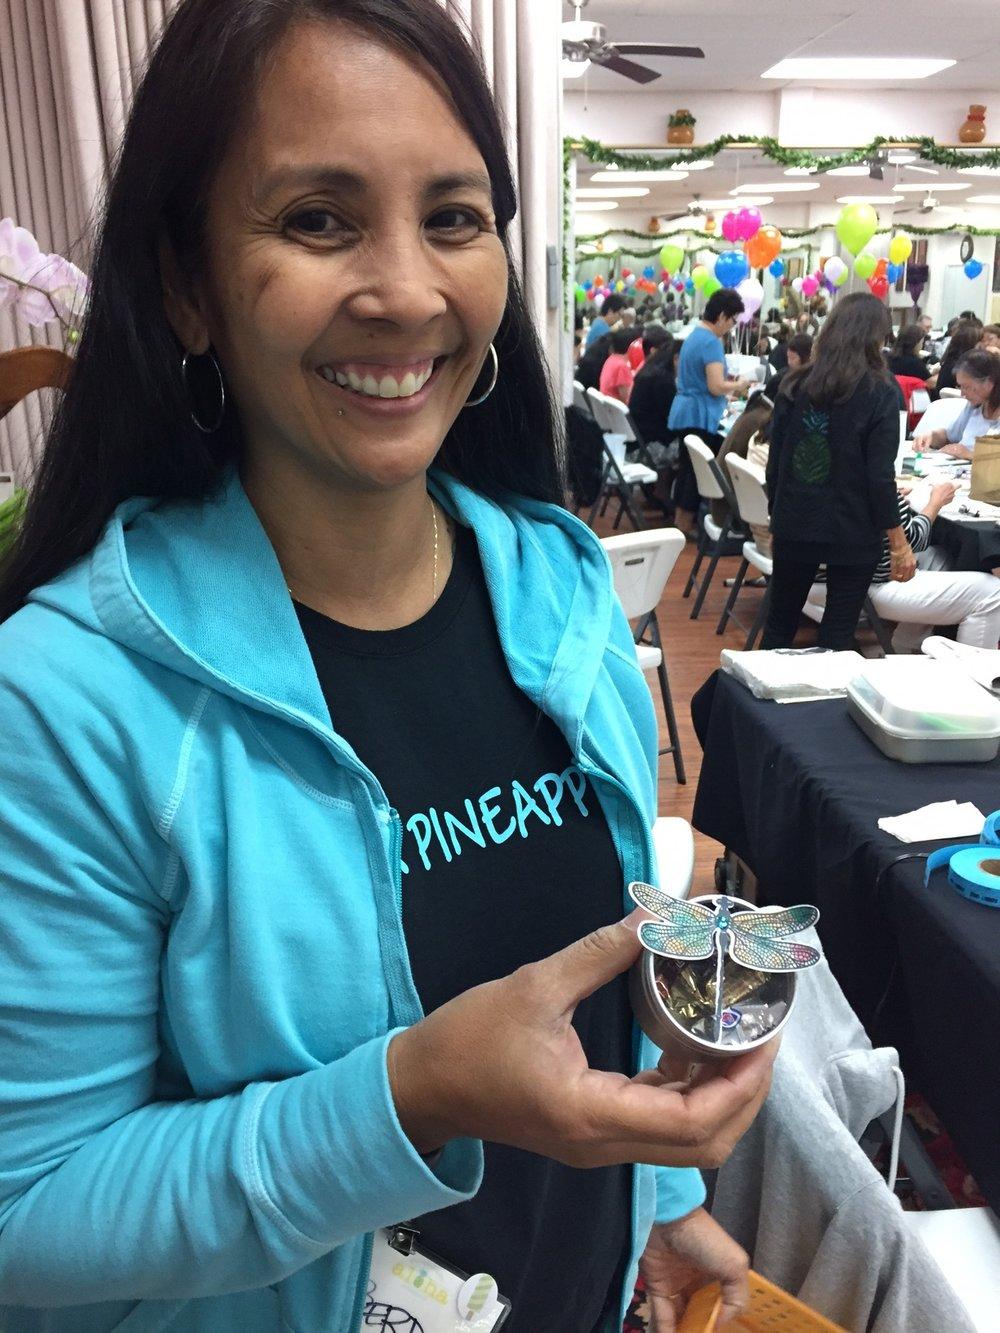 Berd's Prize Patrol - www.stampedwithaloha.com